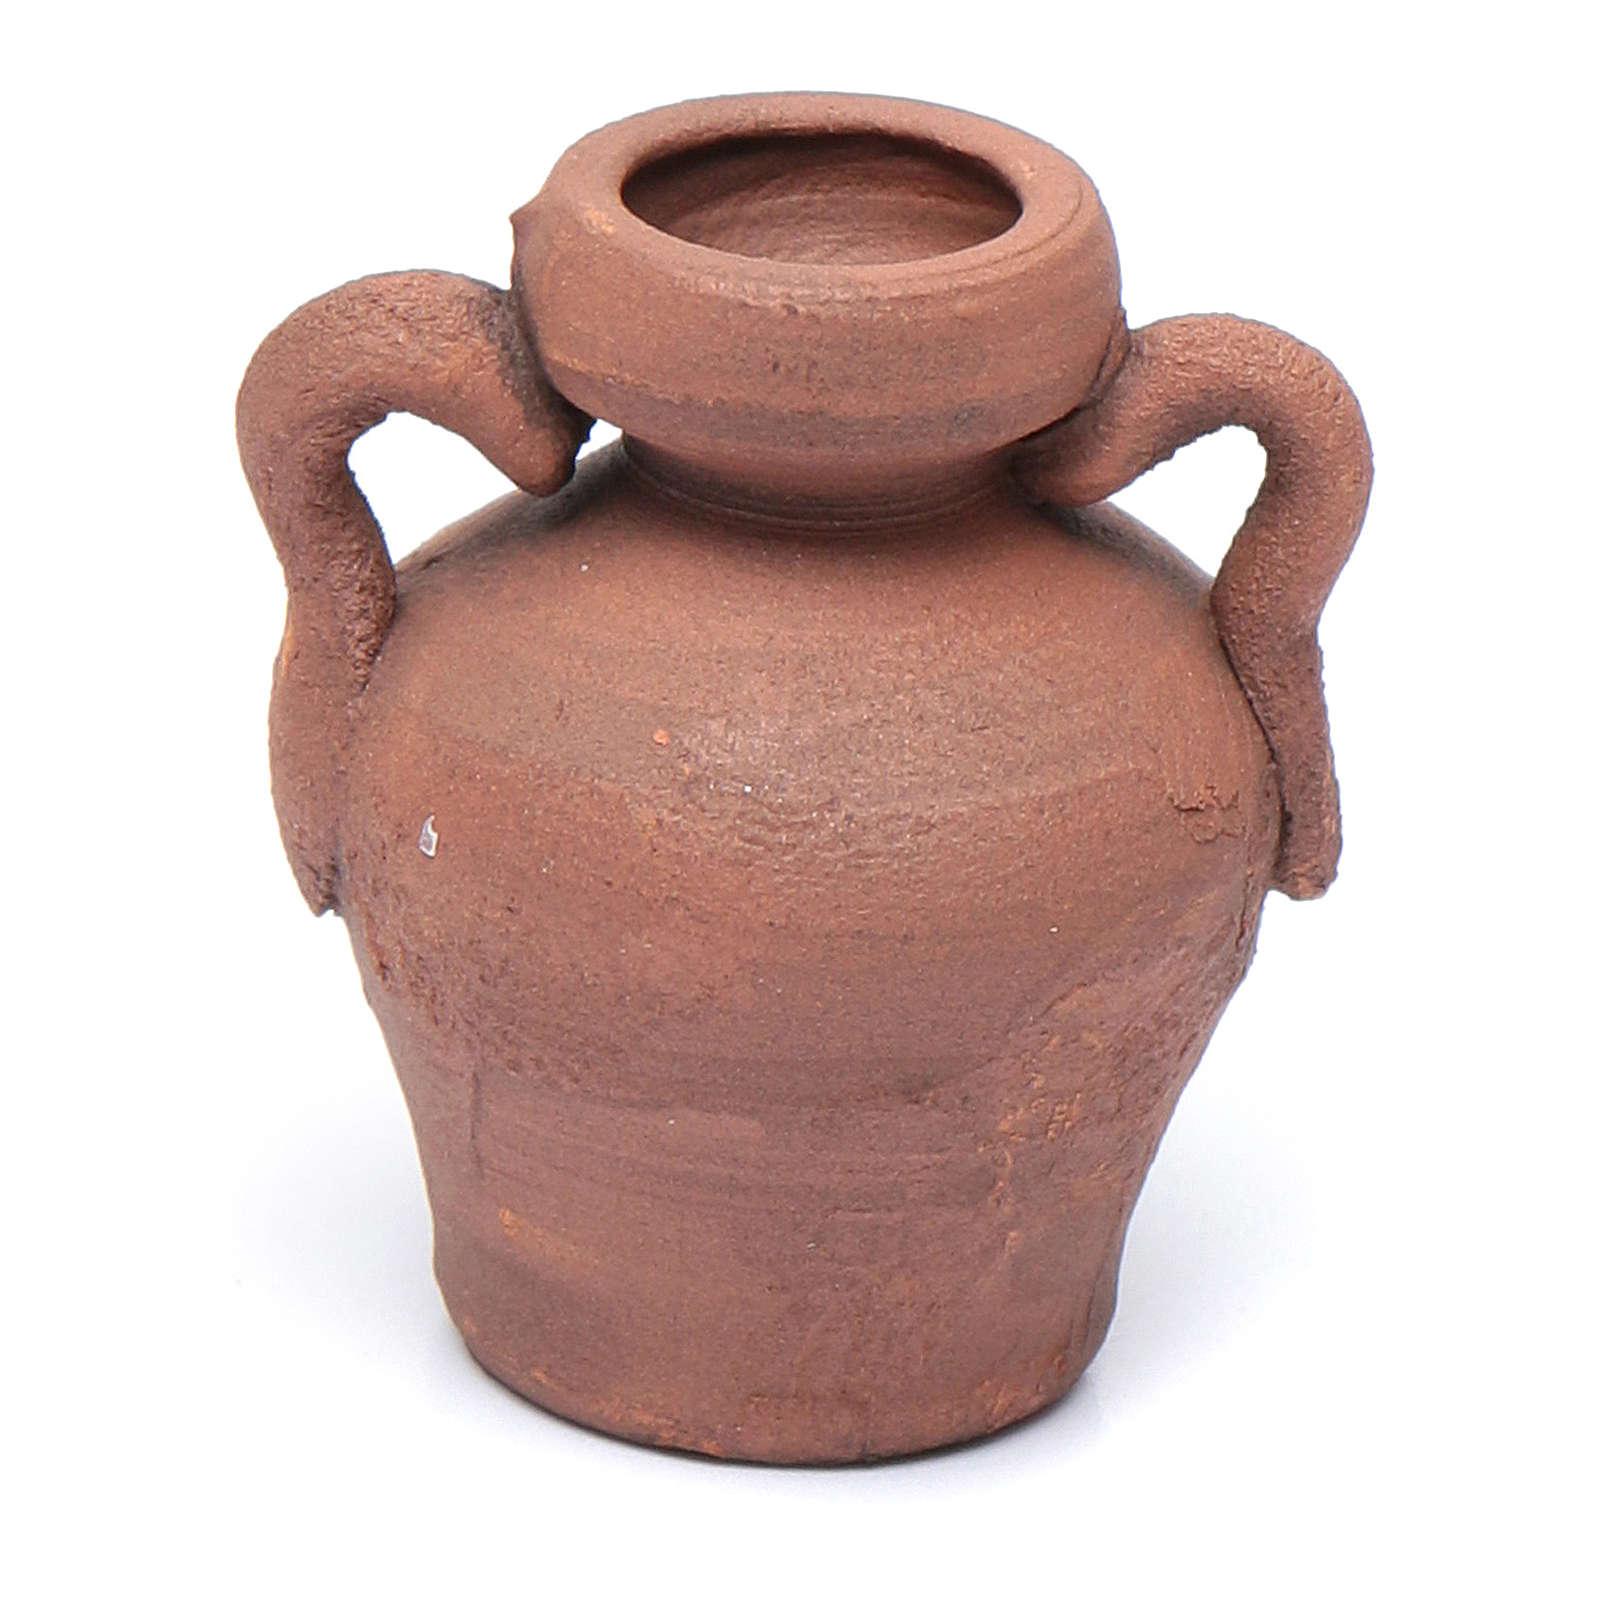 Rustic ceramic amphora 2,5 cm assorted models 4